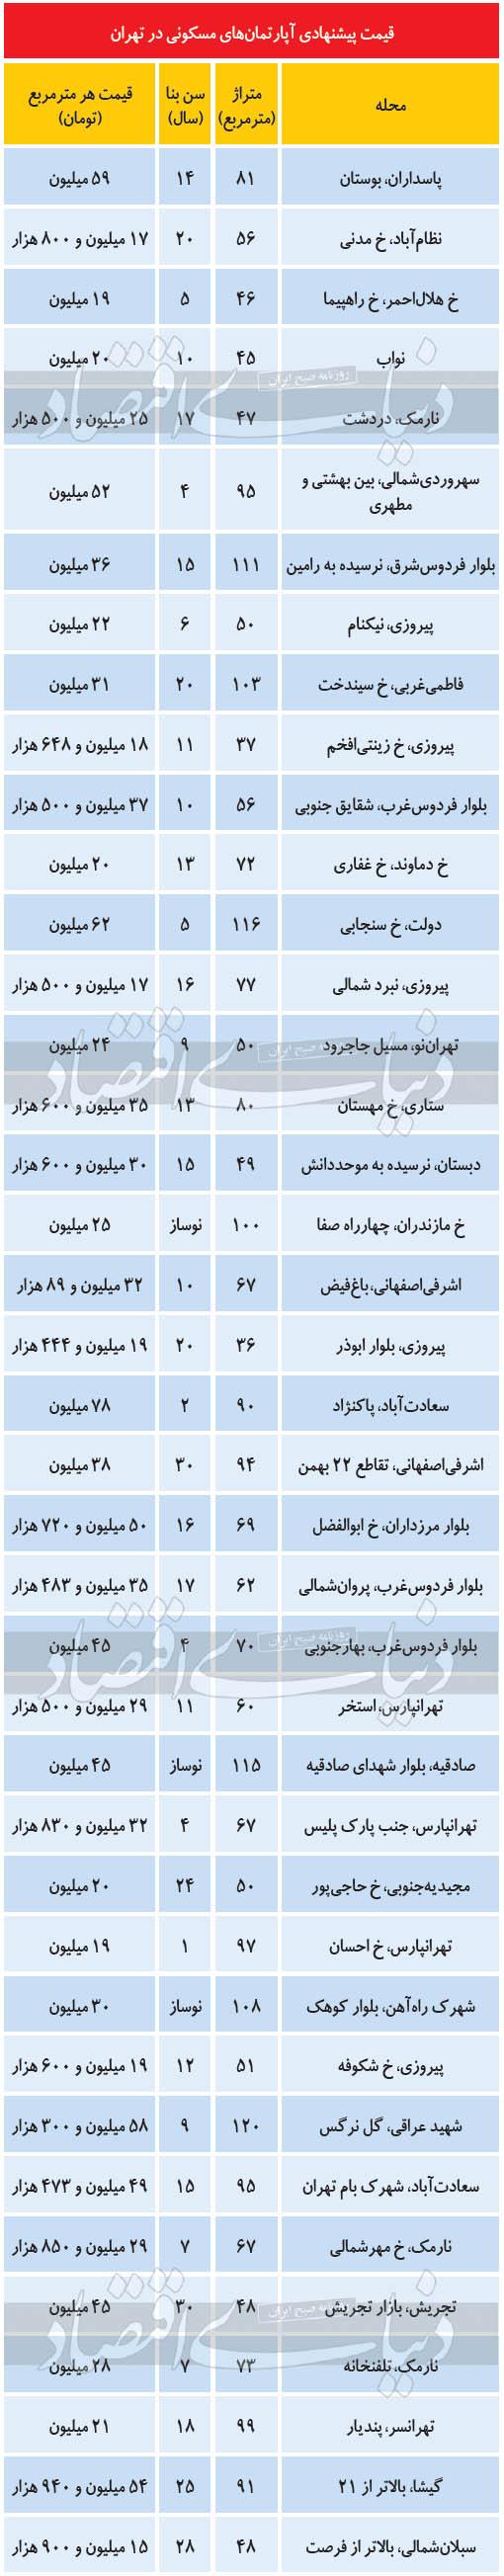 قیمت-آپارتمان-های-تهران